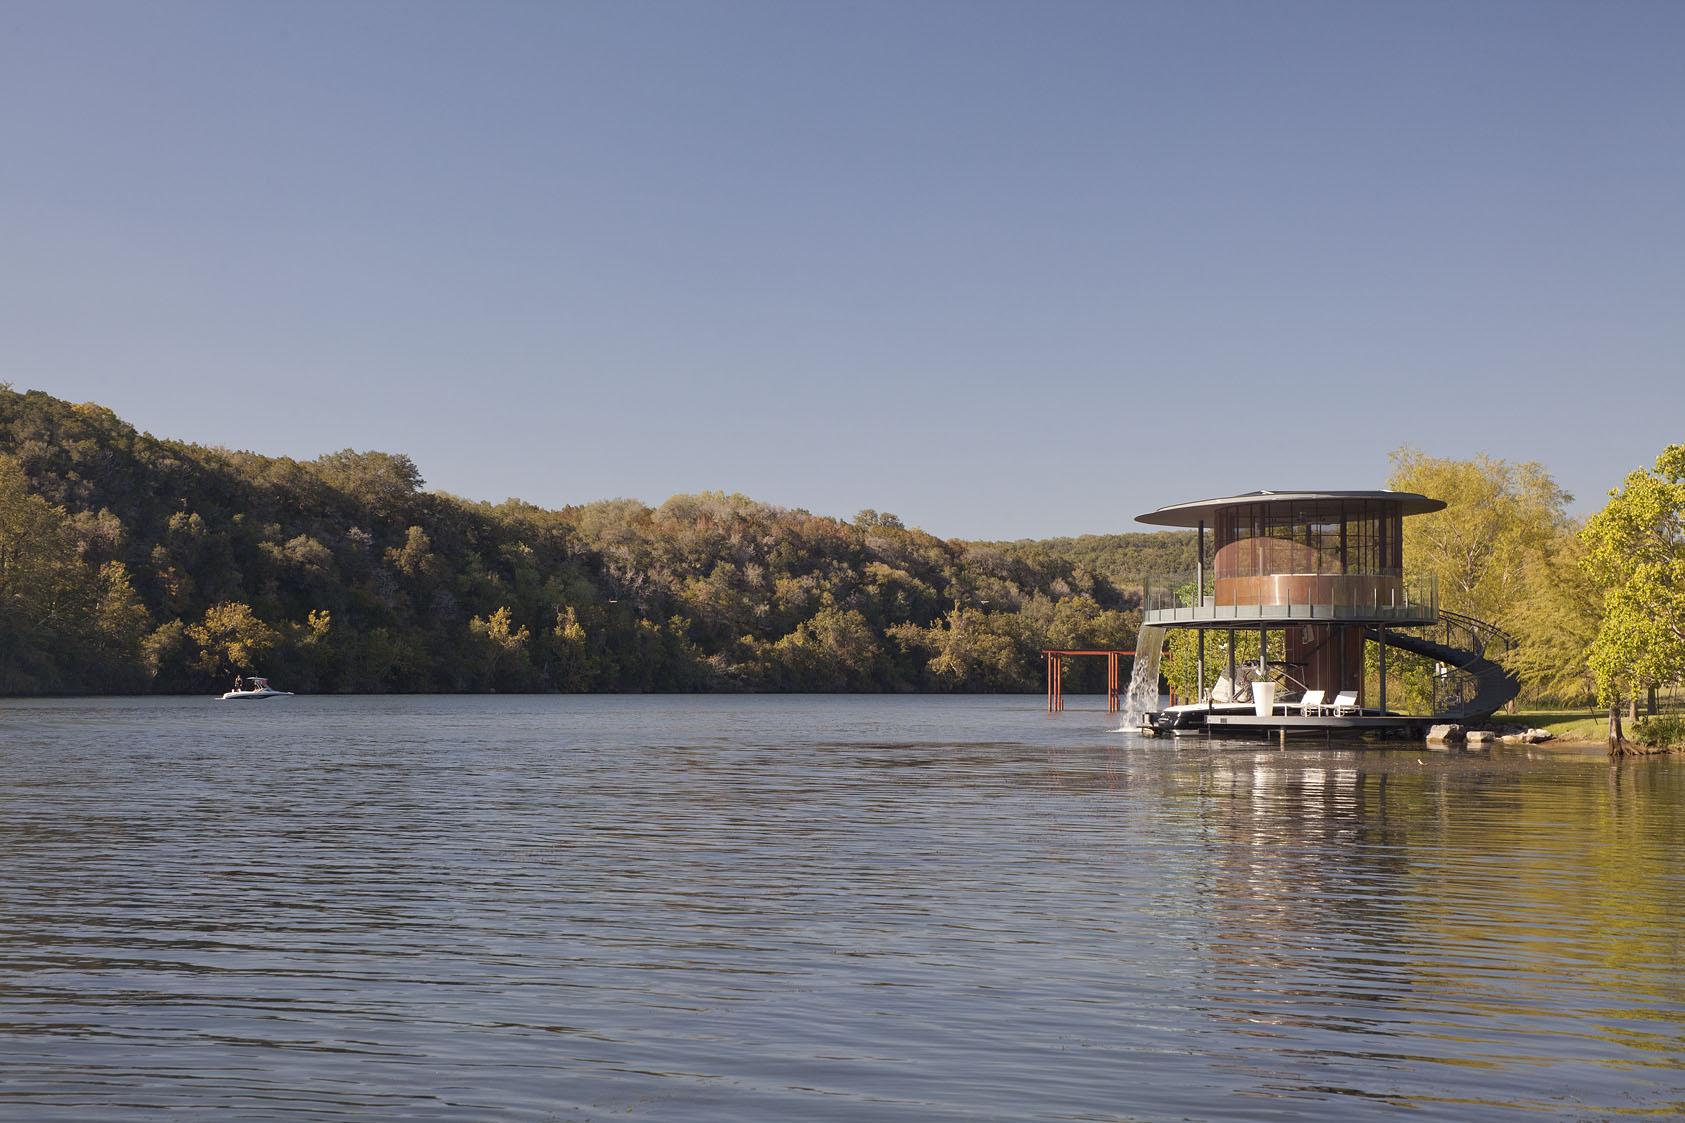 Shore Vista Boat Dock By Bercy Chen Studio Architecture